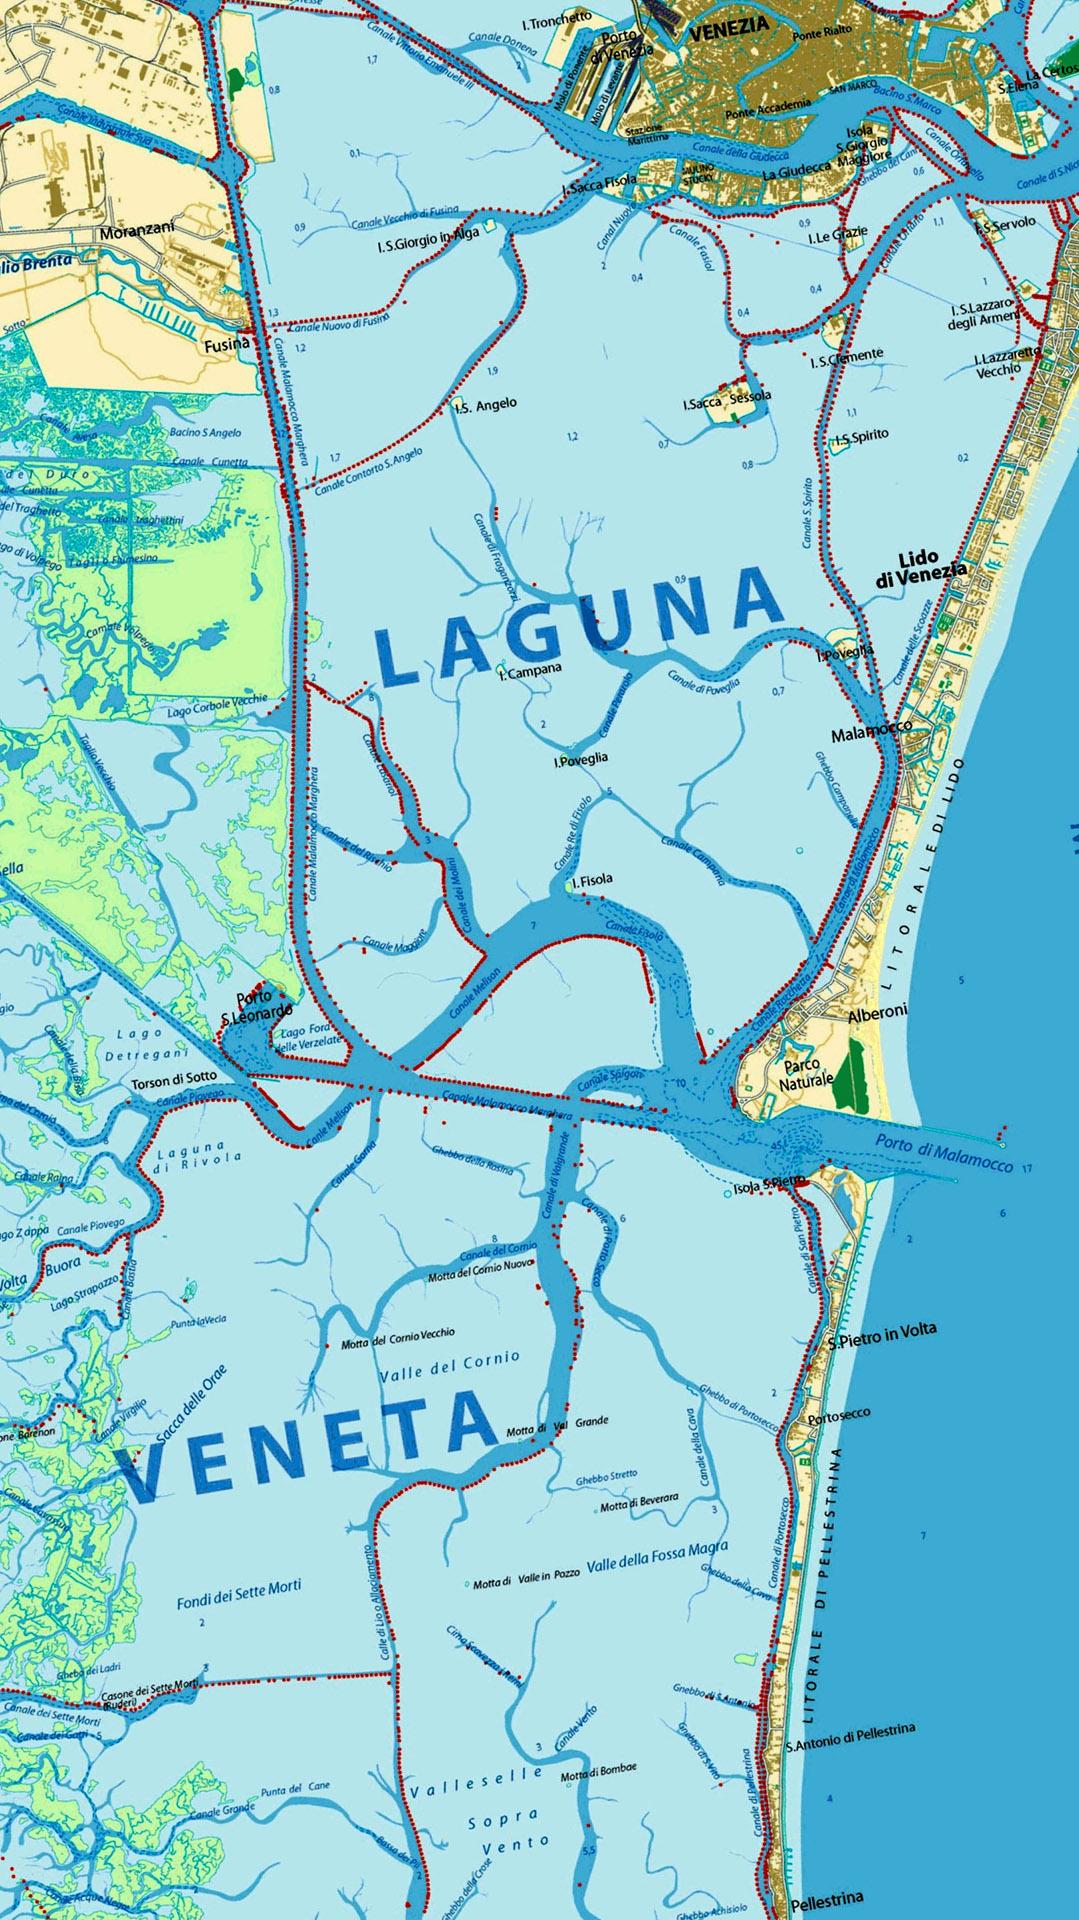 Mappa laguna di Venezia - sud